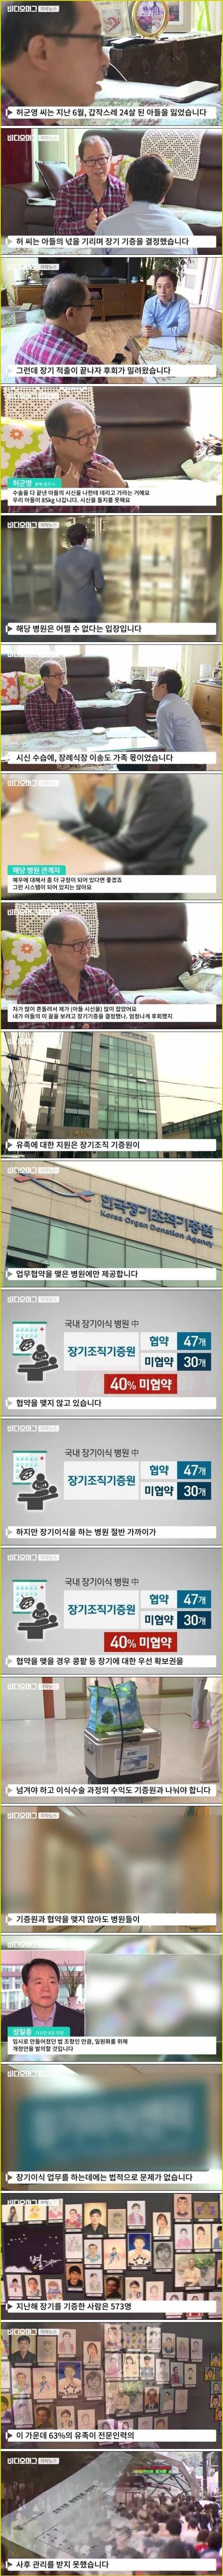 한국 장기기증 실태   인스티즈